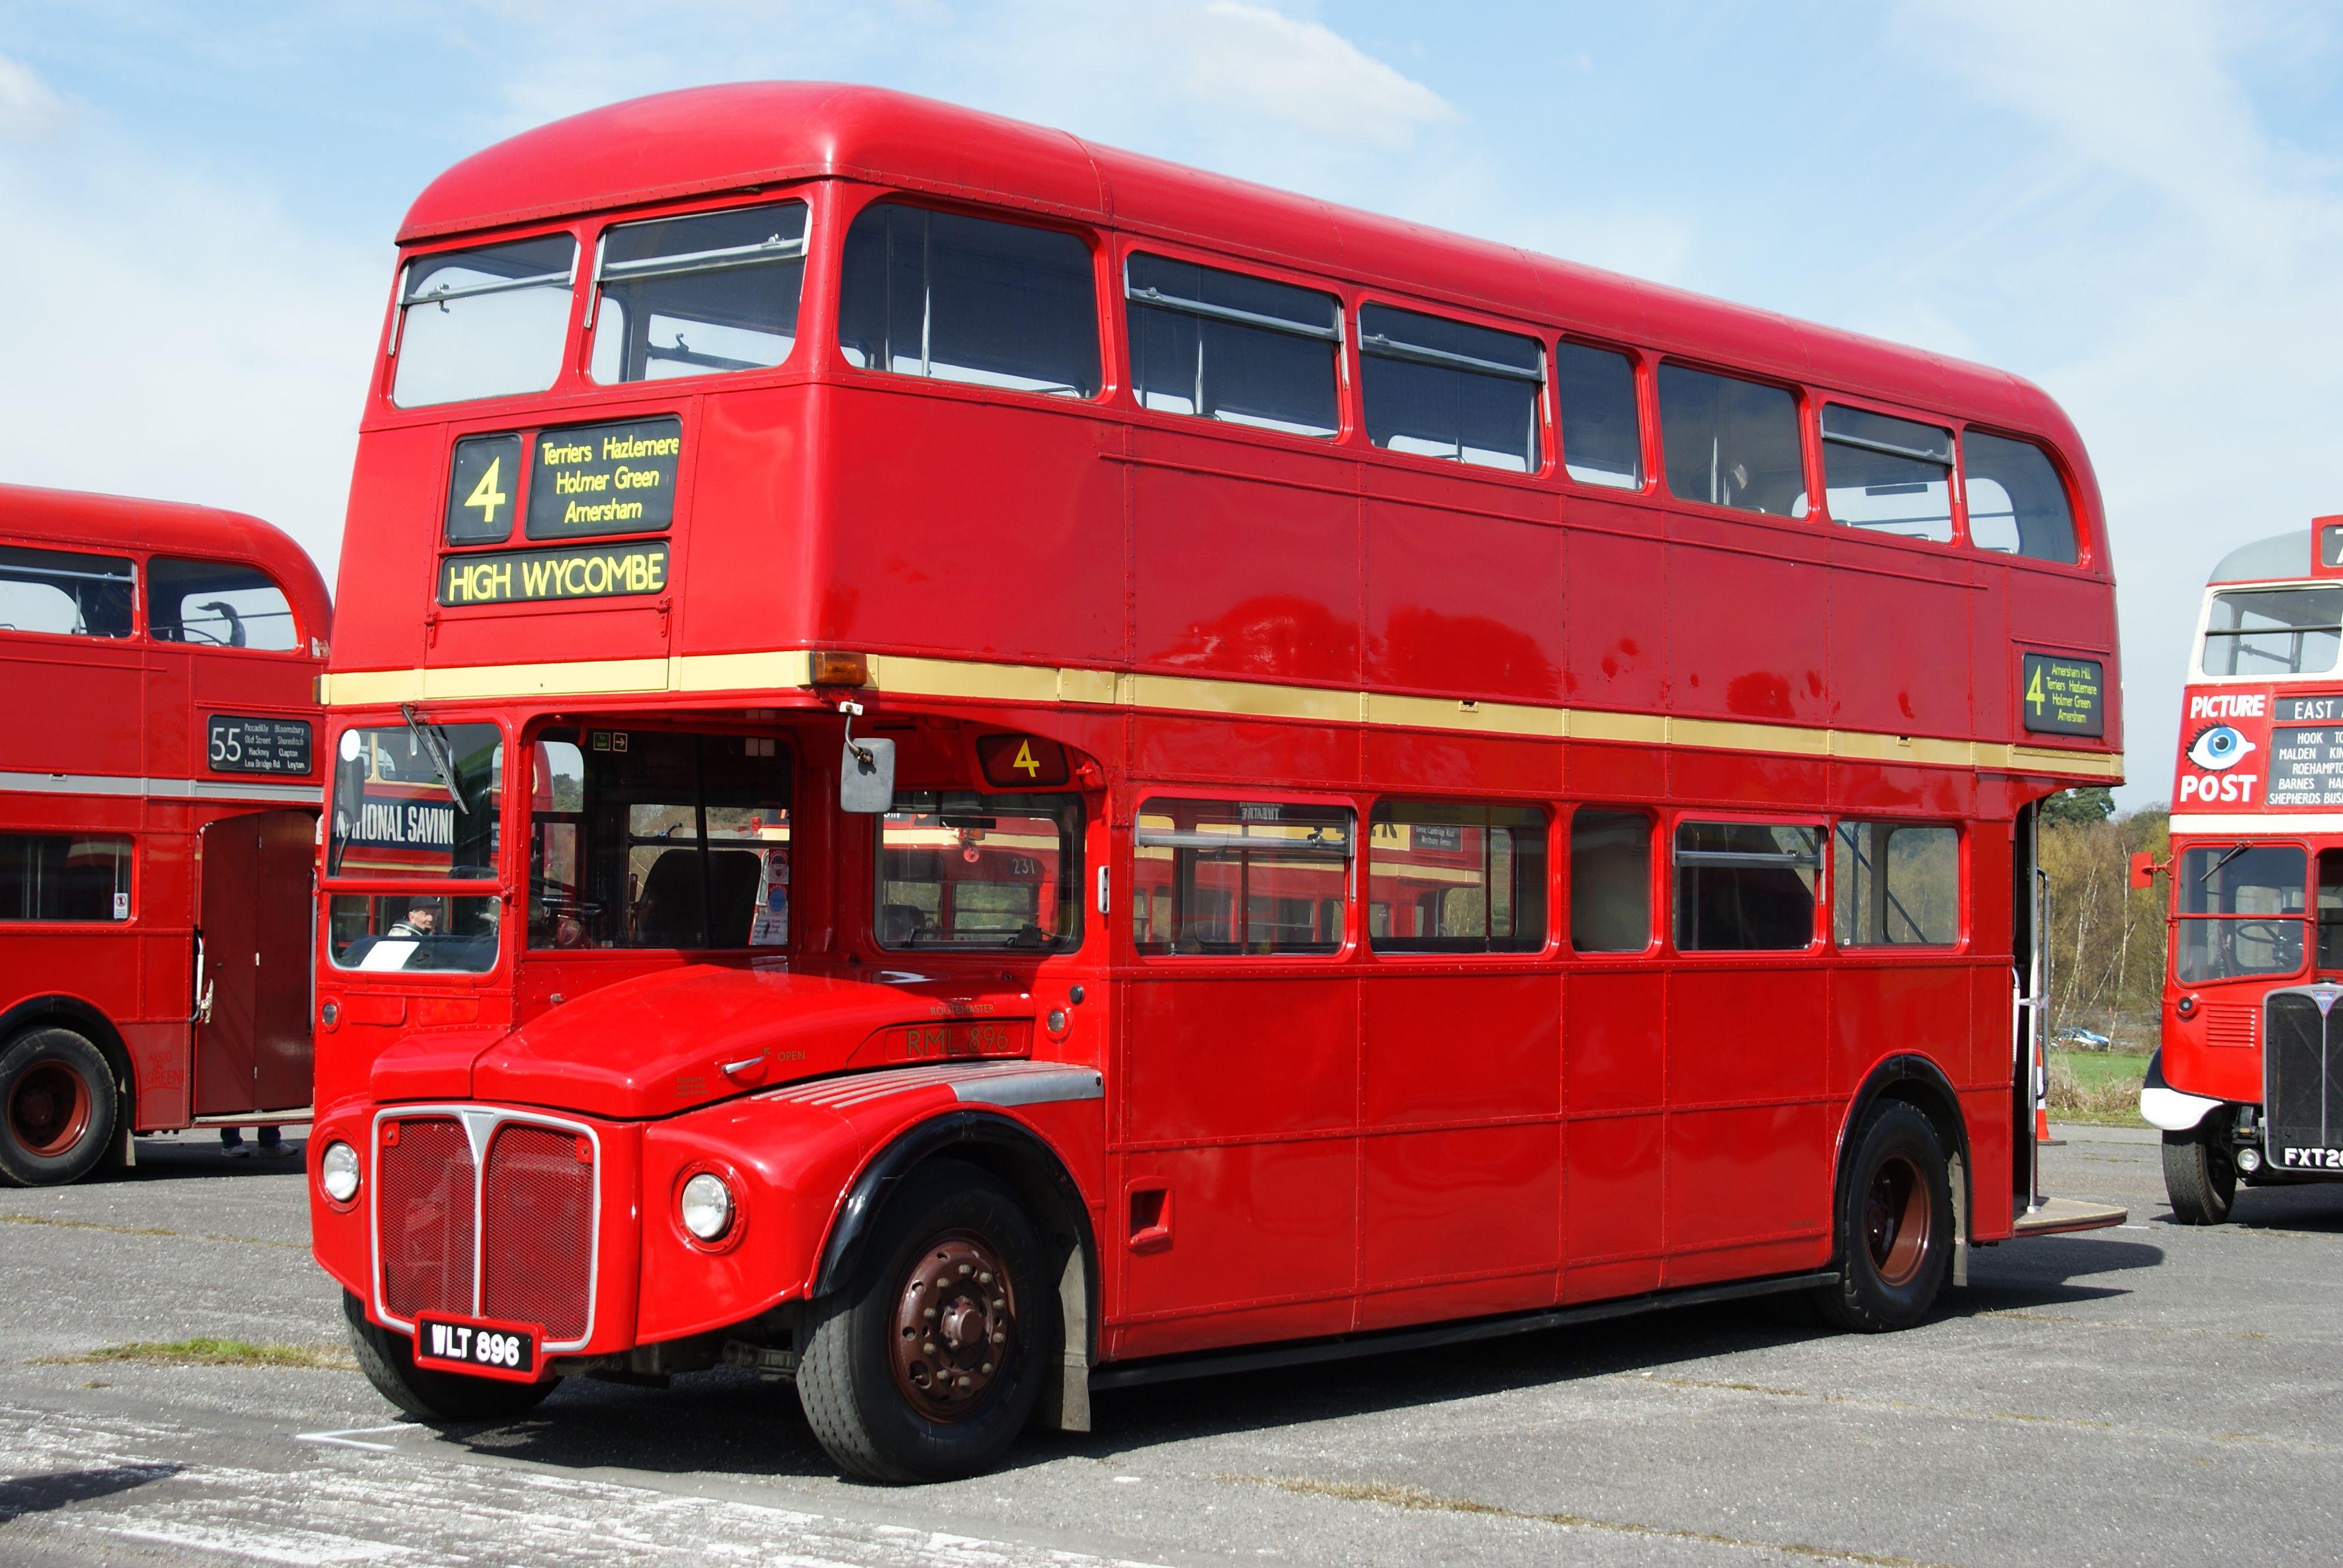 File:routemaster Rml896 (Wlt 896), 2010 Cobham Bus Rally destiné Image Bus Anglais